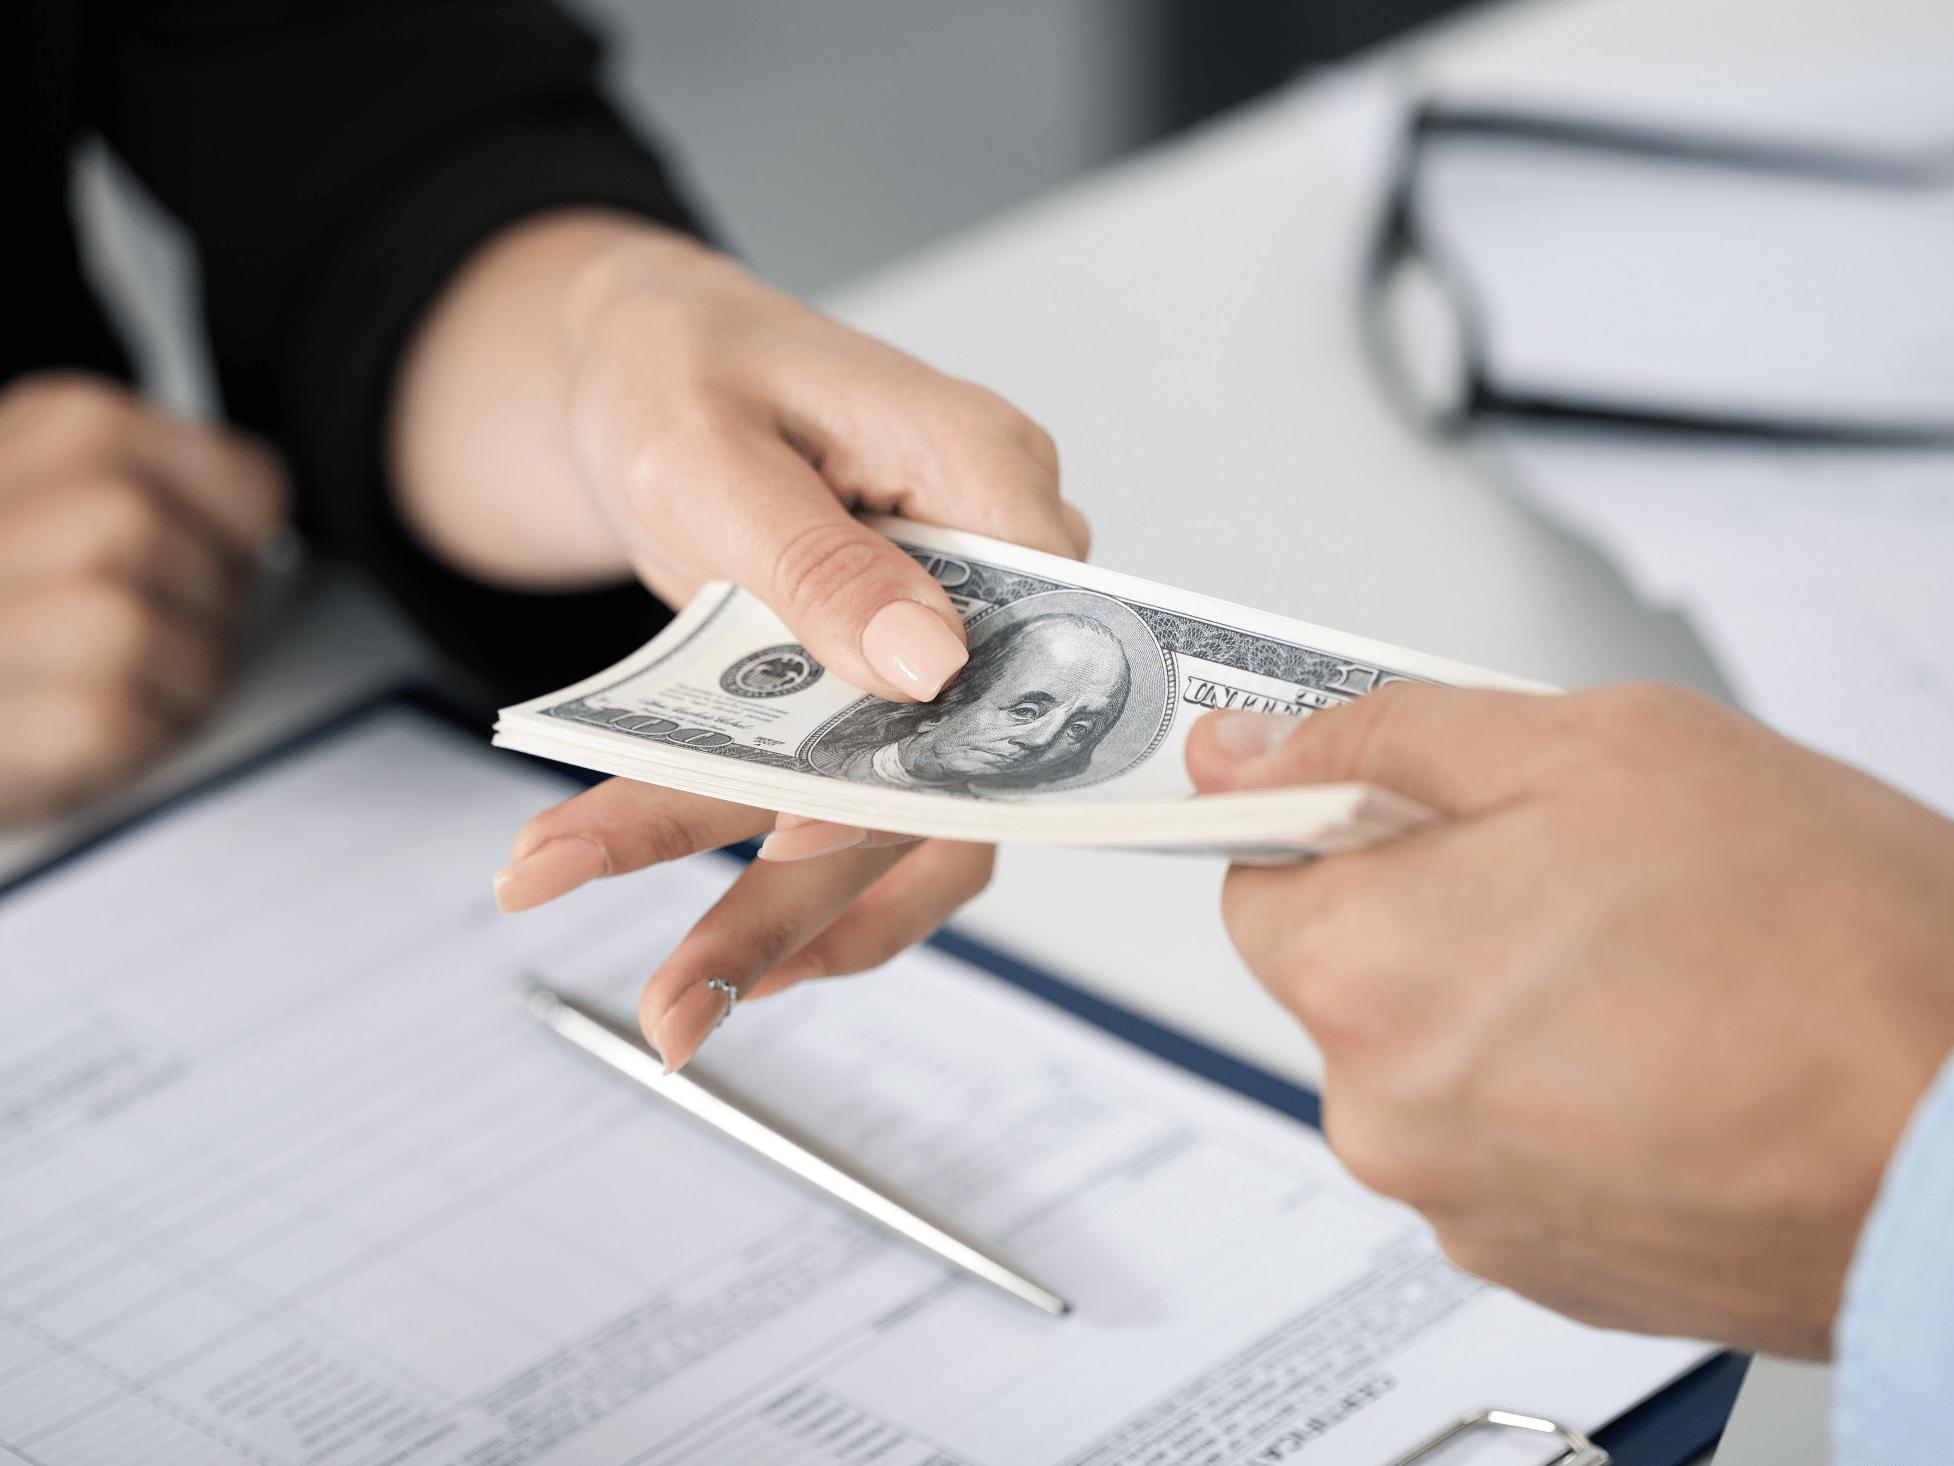 Ích lợi bất ngờ khi sử dụng thấu chi tài khoản tiền gửi BIDV